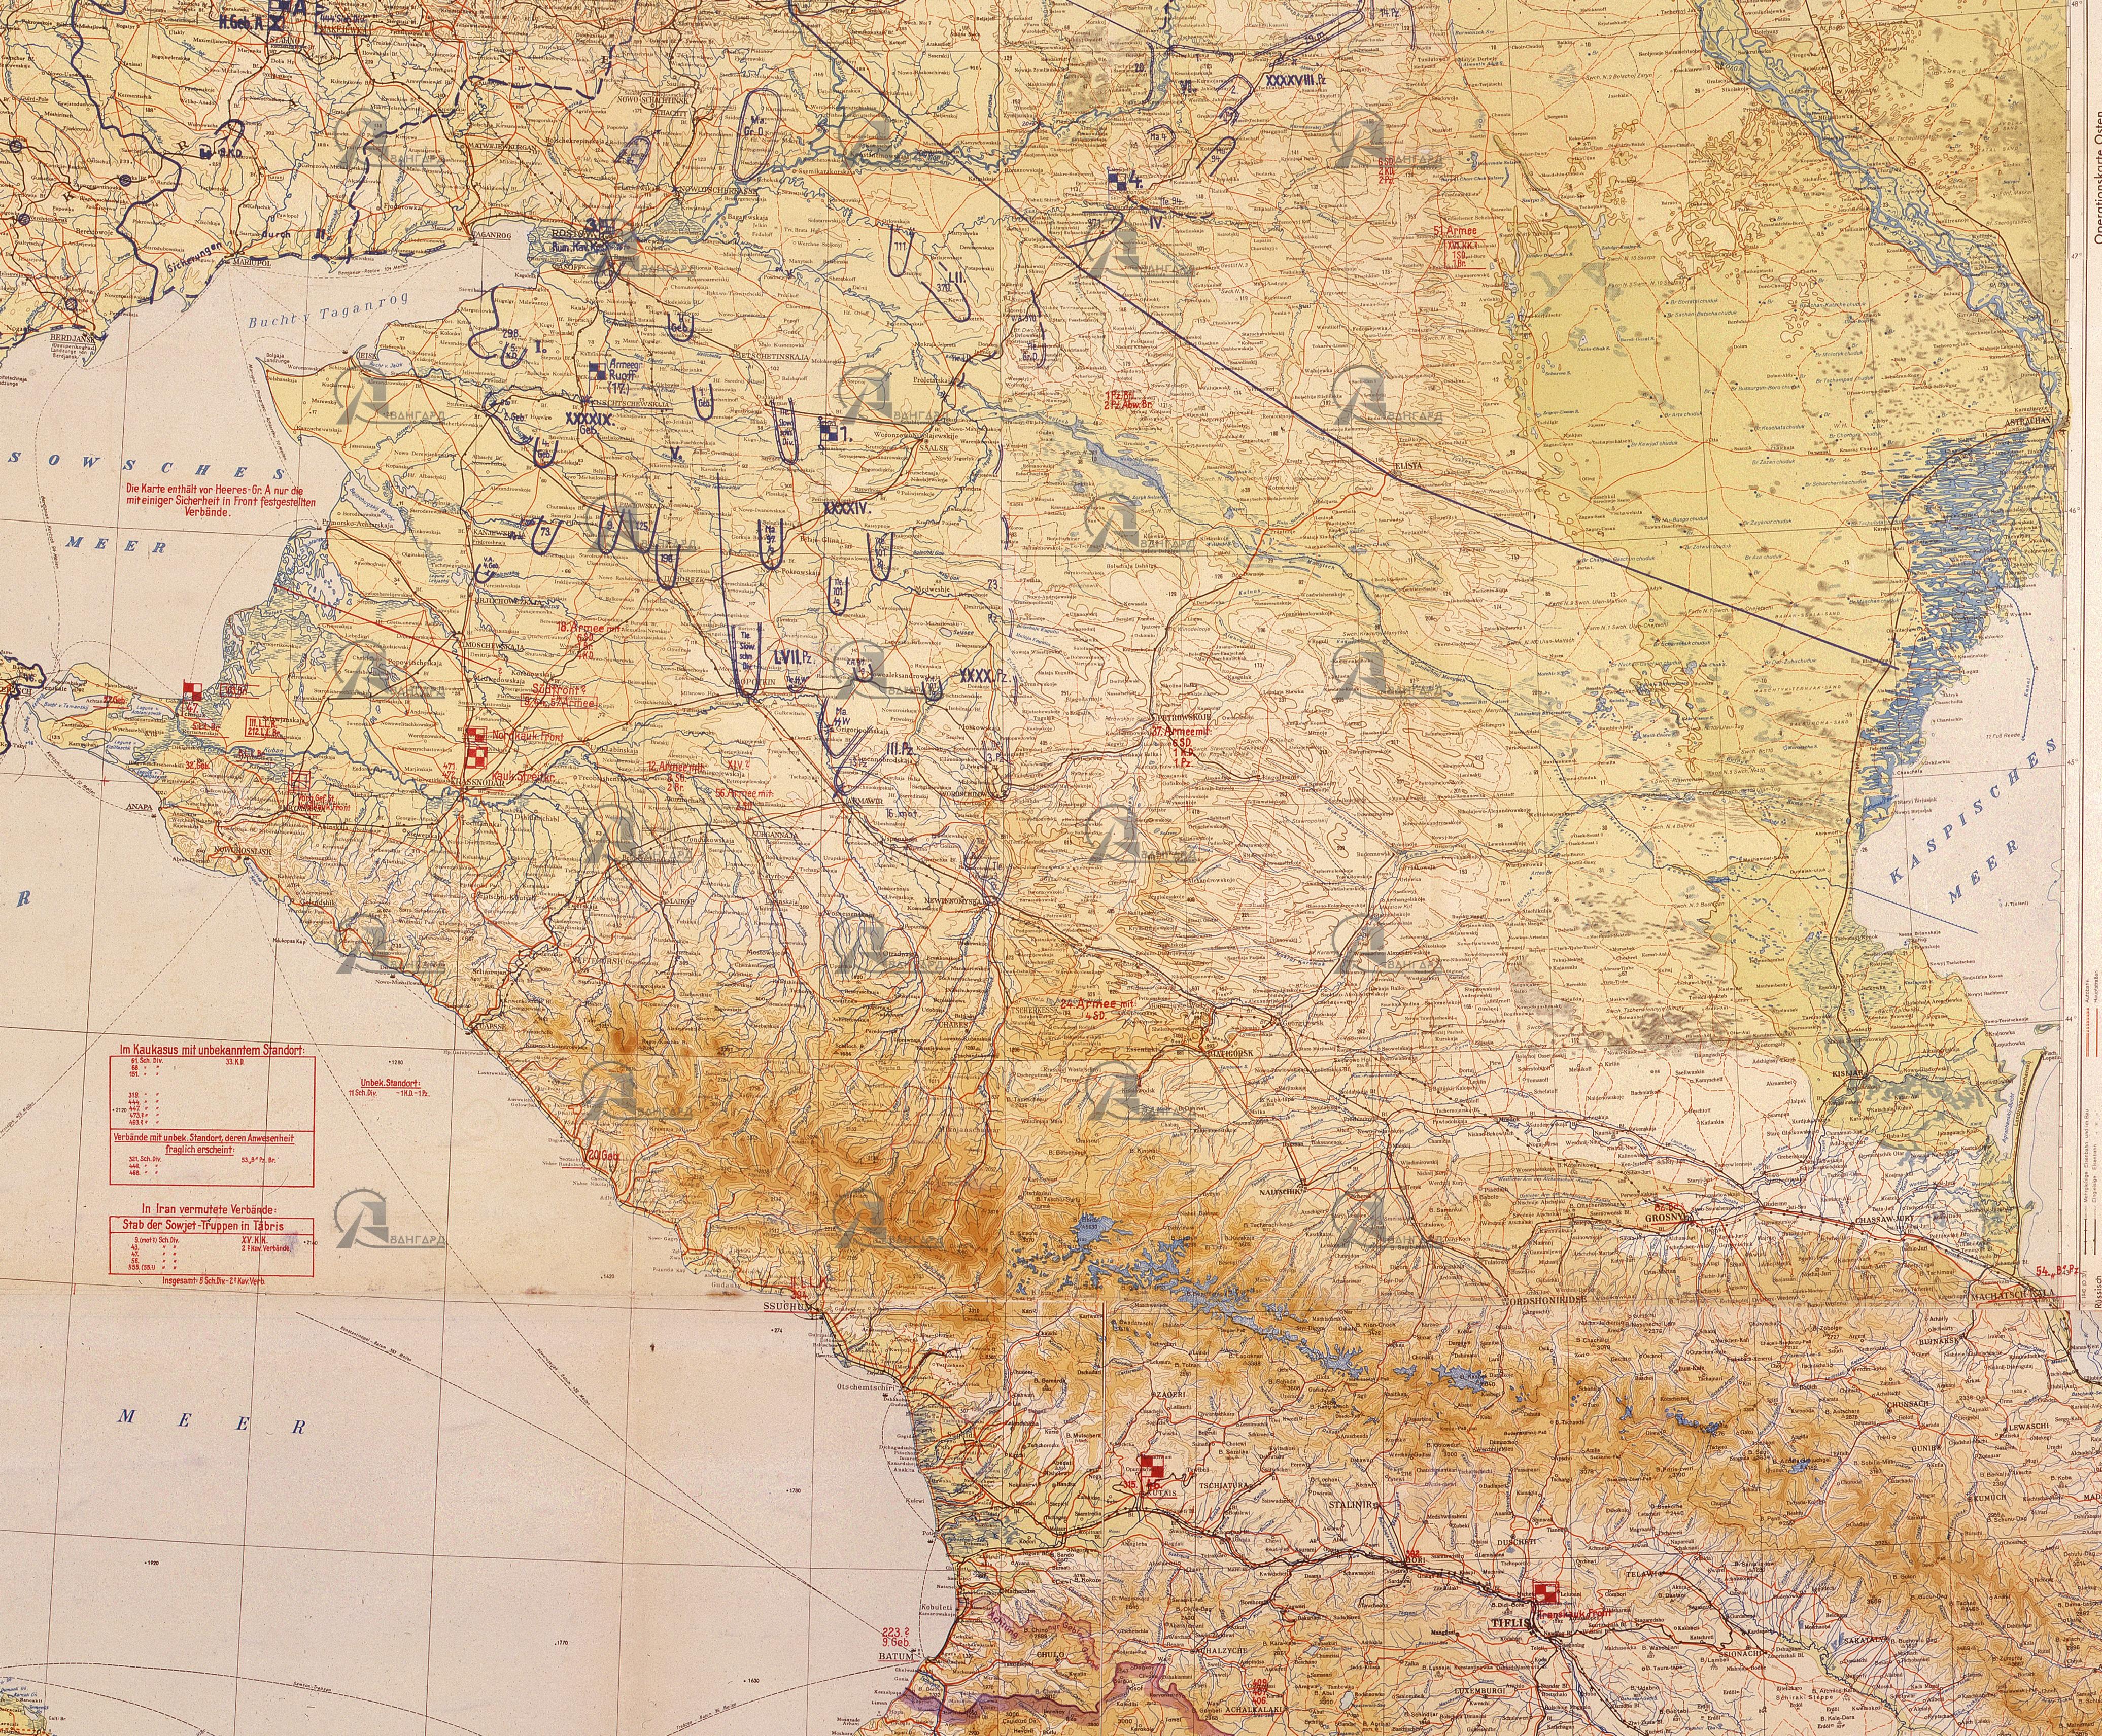 Фрагмент карты ОКХ от 05.08.1942 г